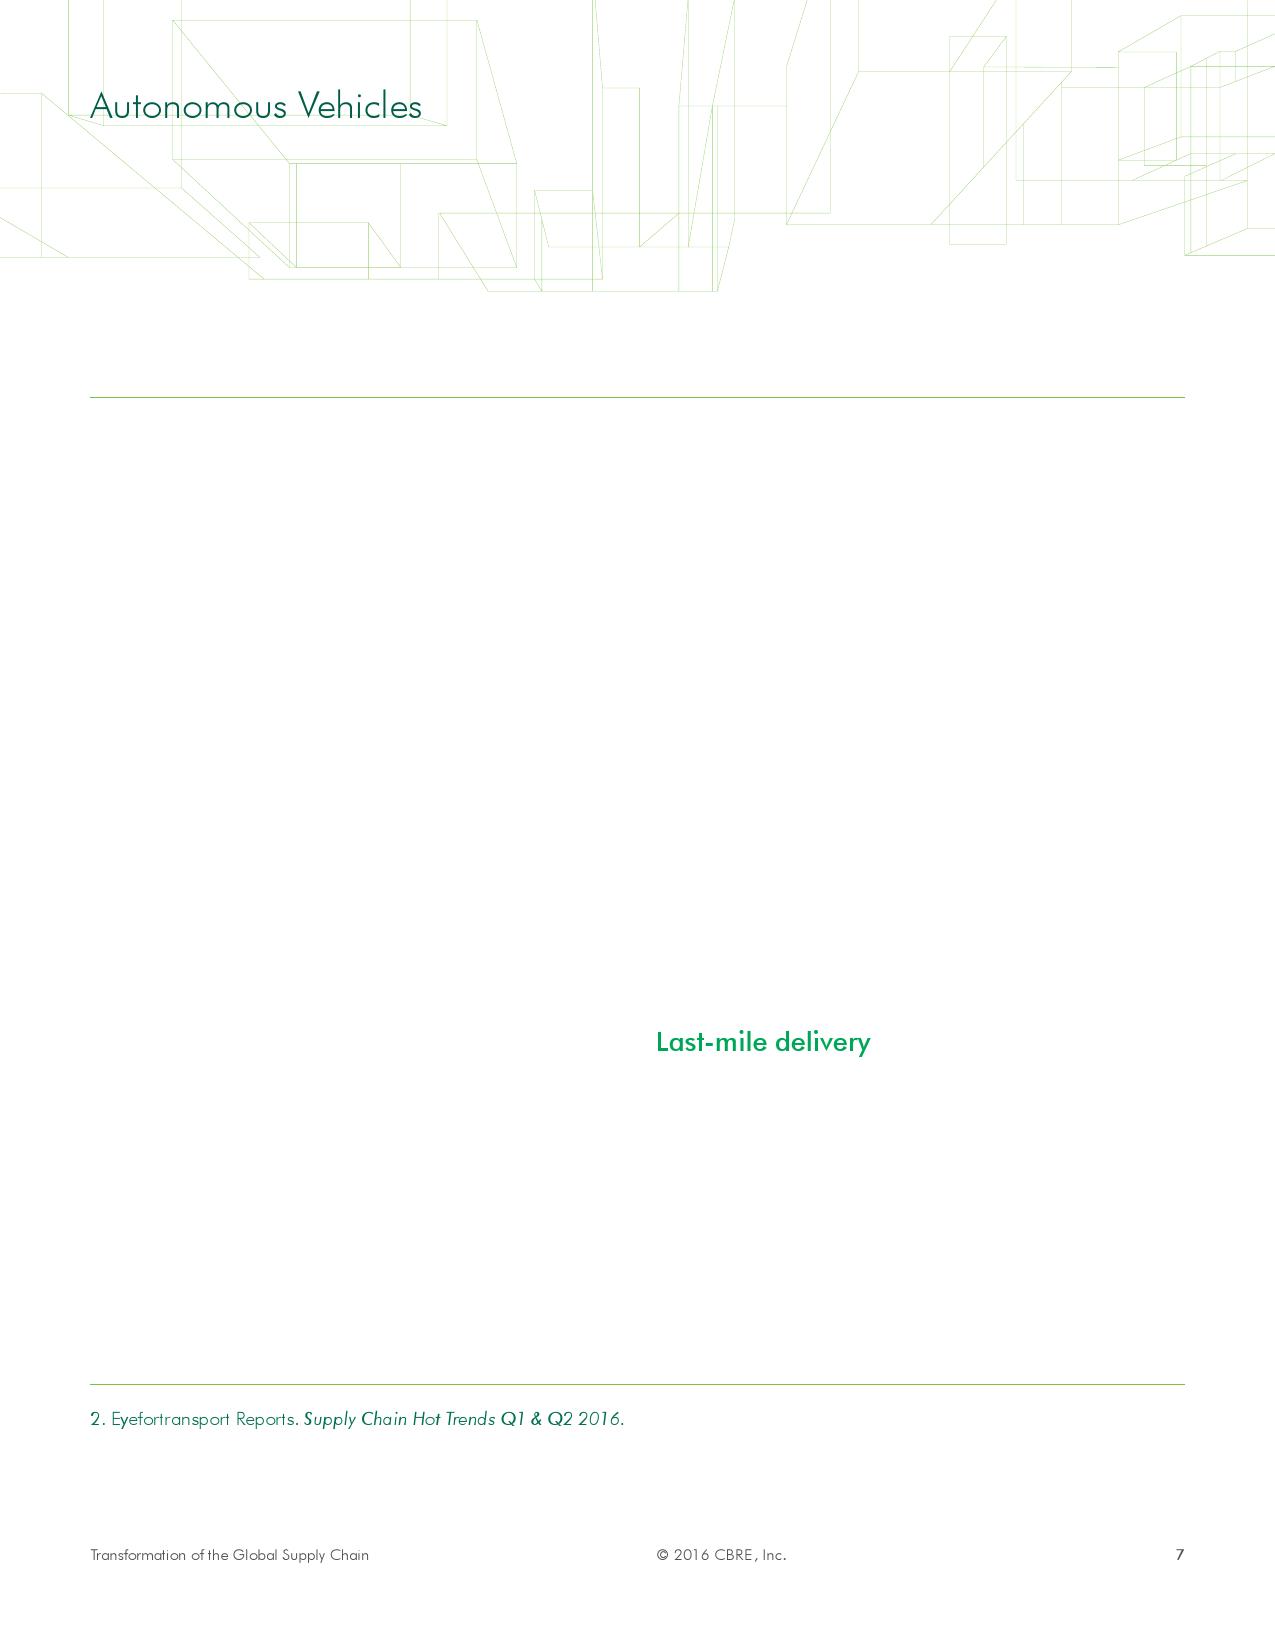 全球供应链升级-自动化技术驱动房地产变革_000007